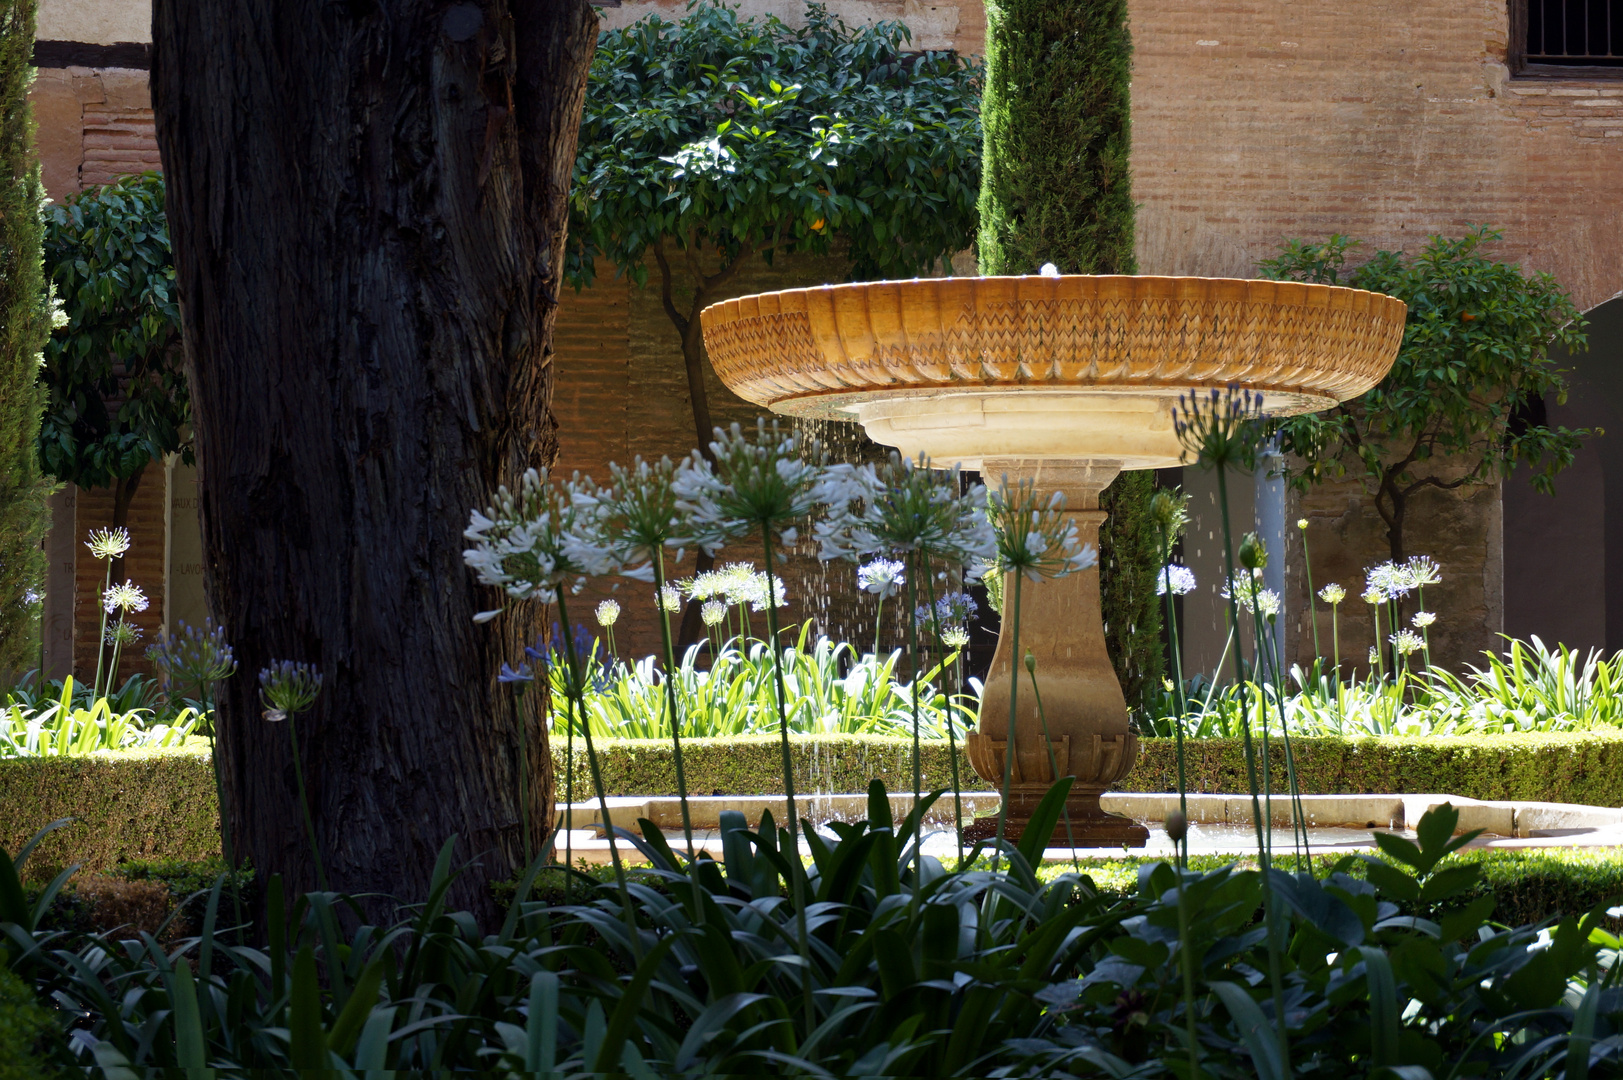 Full Size of Wasserbrunnen Garten Brunnen Im Der Alhambra Zaun Hängesessel Heizstrahler Fussballtor Lounge Set Klapptisch Spielhaus Holz Servierwagen Gaskamin Holzhaus Garten Wasserbrunnen Garten